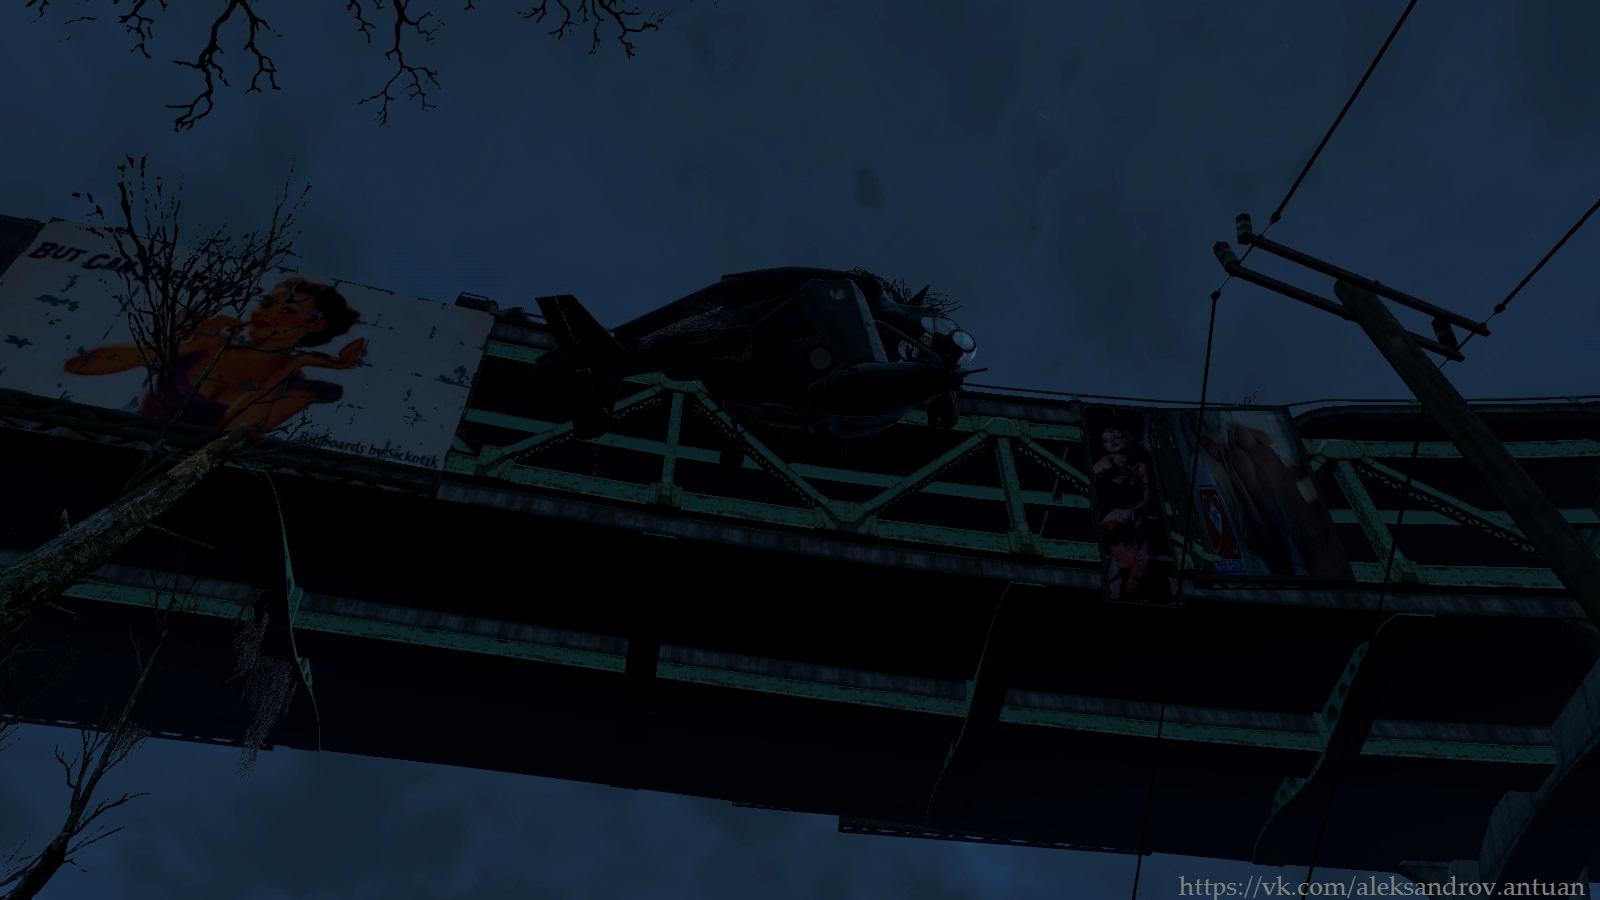 Винтокрыл на эстакаде ... - Fallout 4 винтокрыл